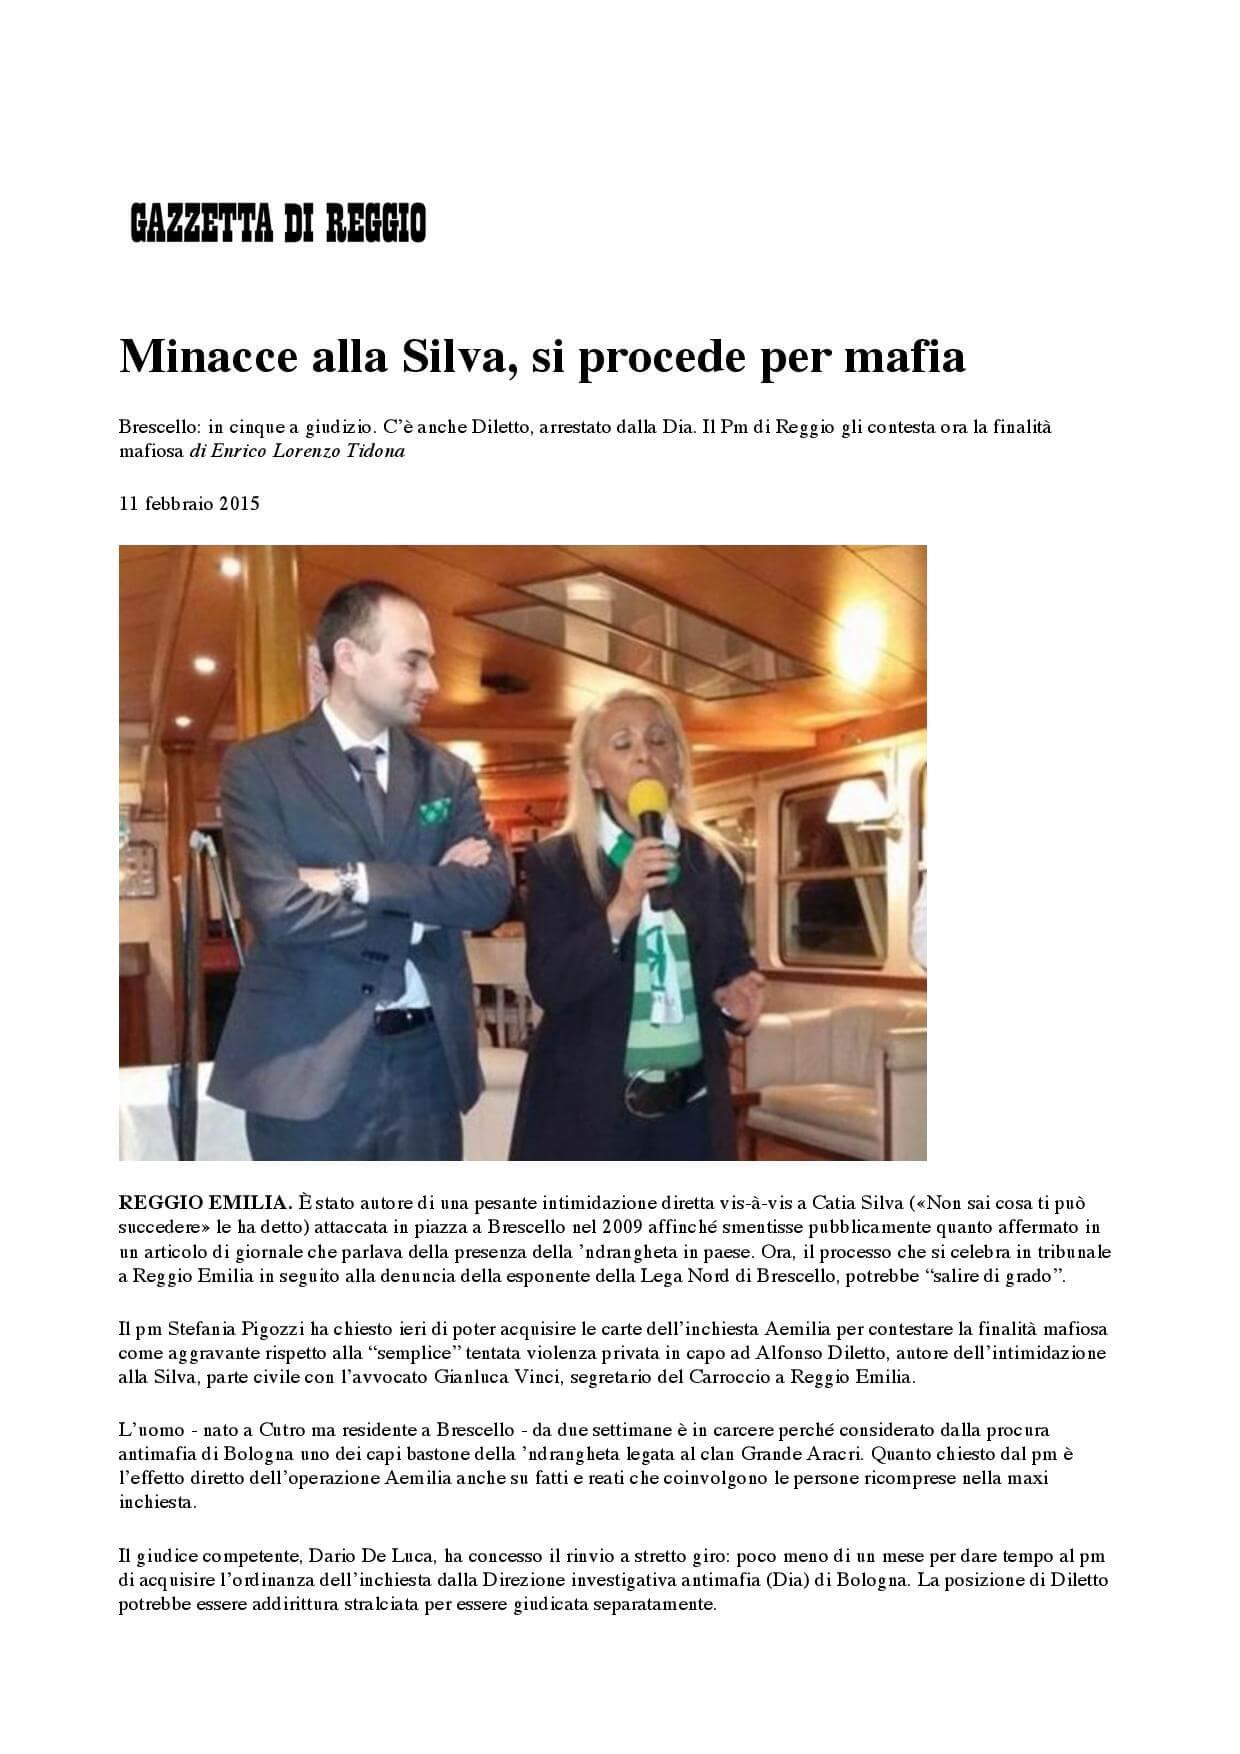 11_2_16_gdr_minacce-alla-silva-page-001